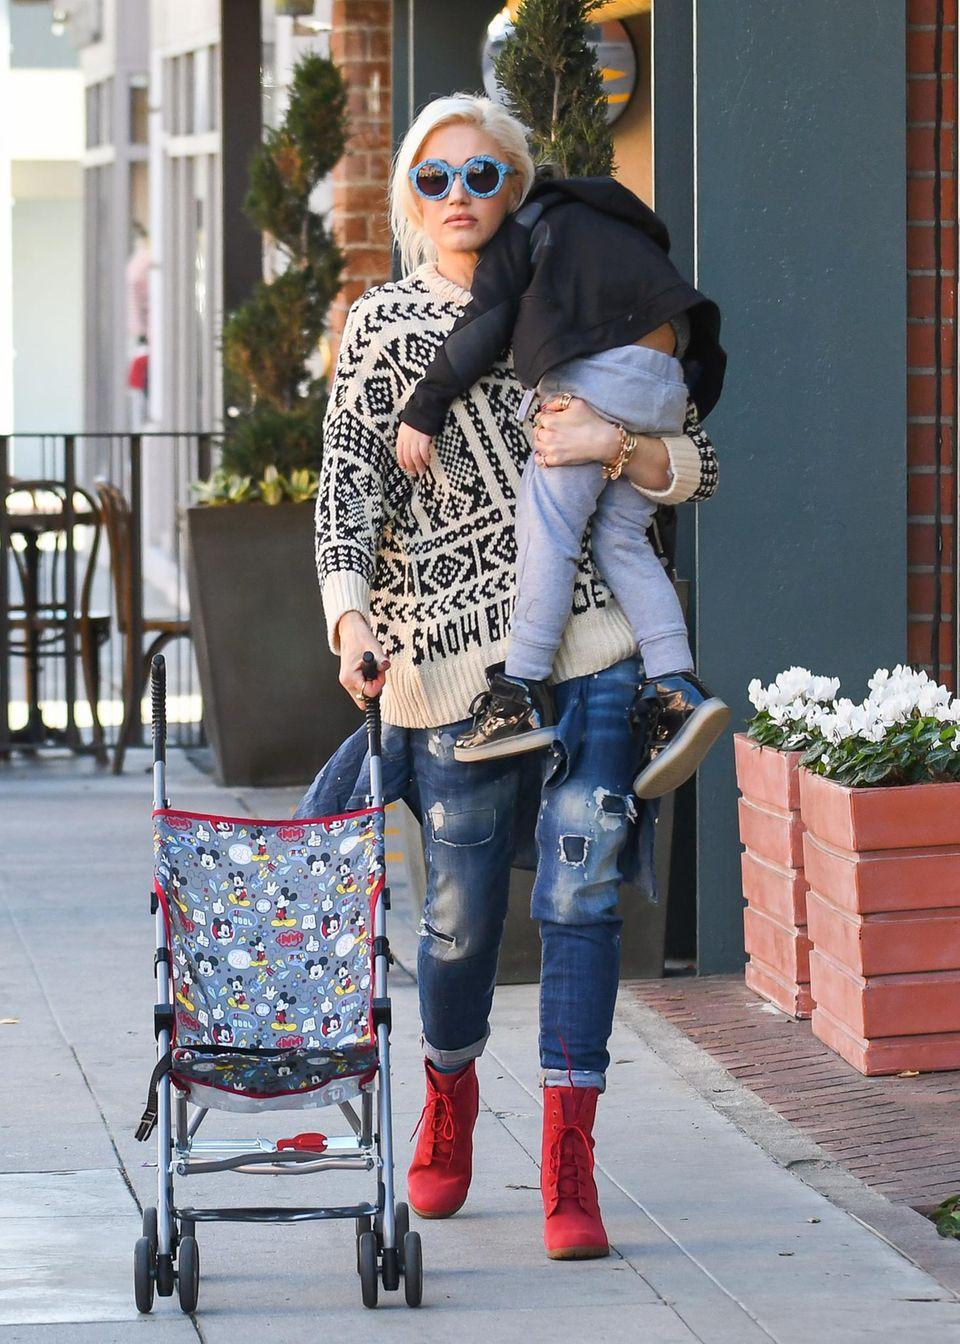 20. Februar 2018  Na, hat da einer keine Lust mehr zu laufen? Der kleine Apollo lässt sich von Mama Gwen Stefani durch Los Angeles tragen.